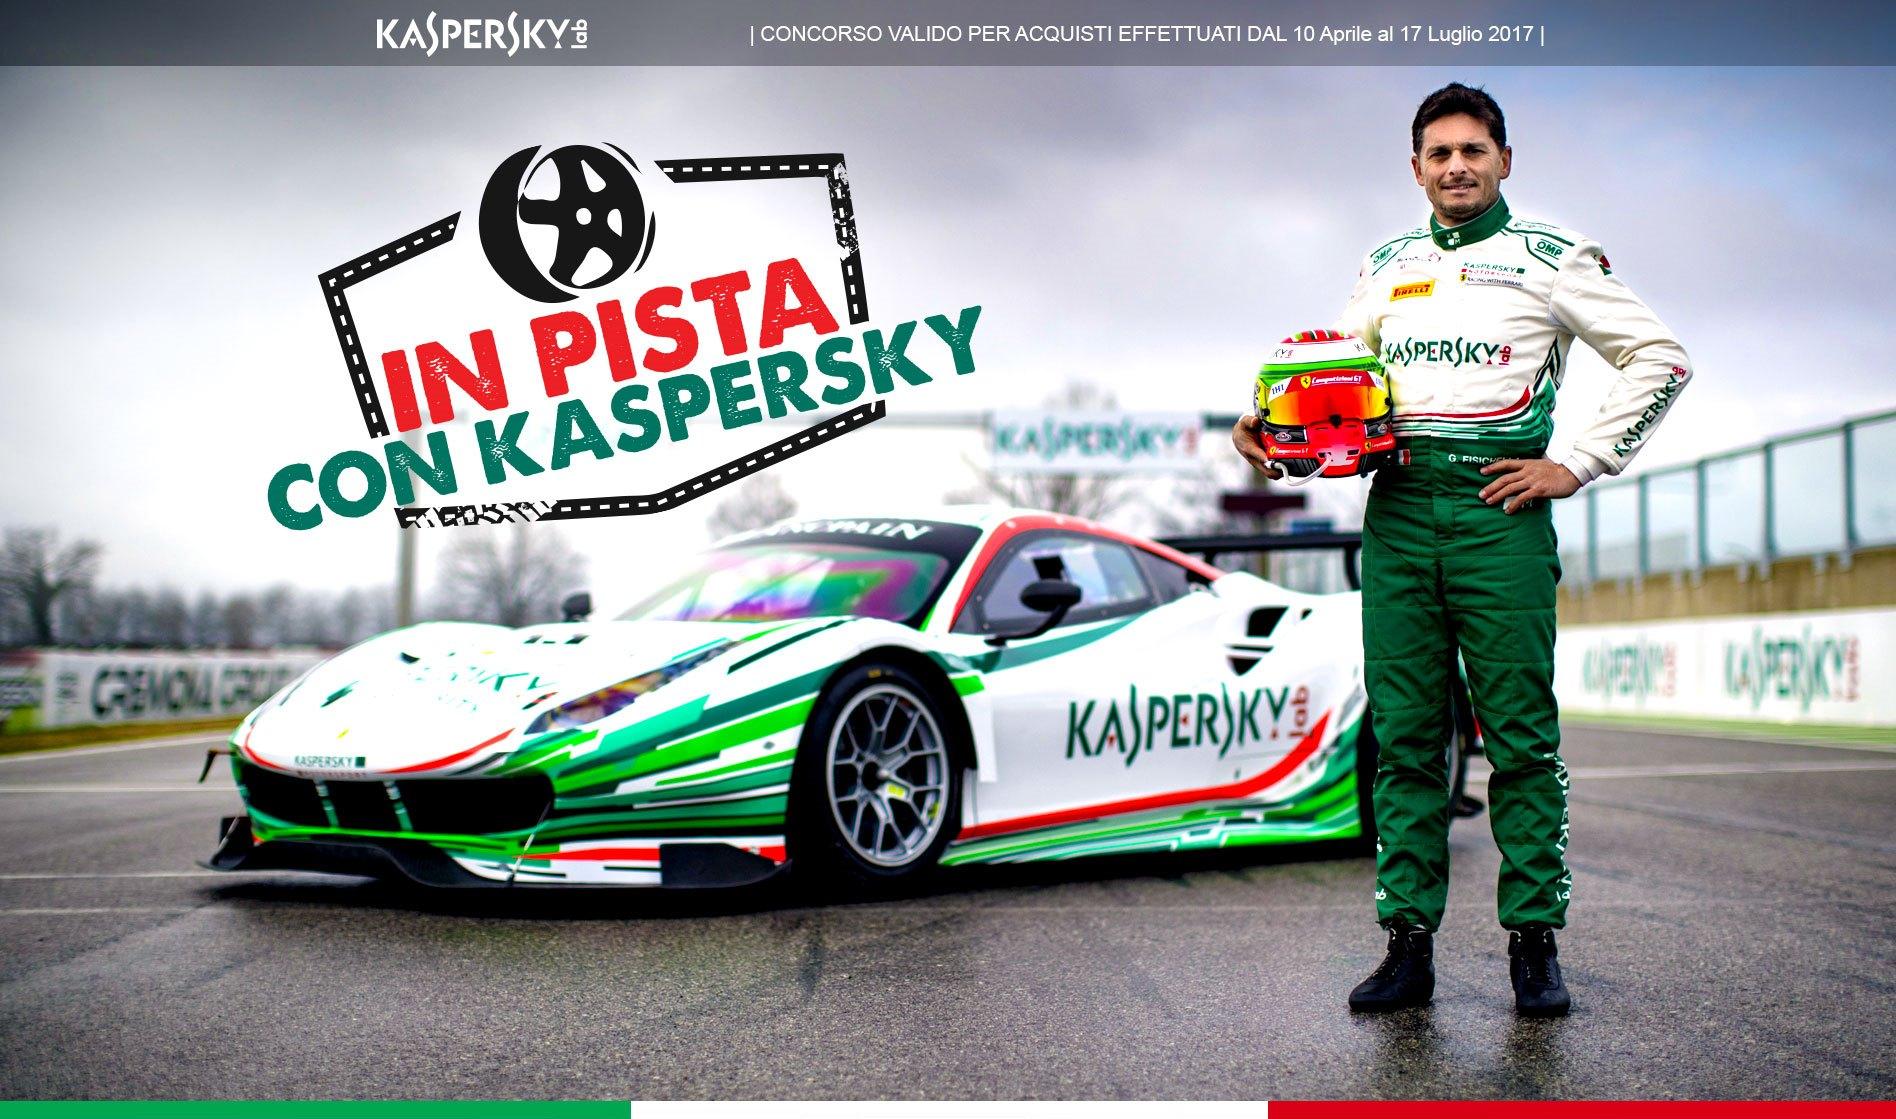 Concorso kasperskylab italia srl clipper for Wenko italia srl